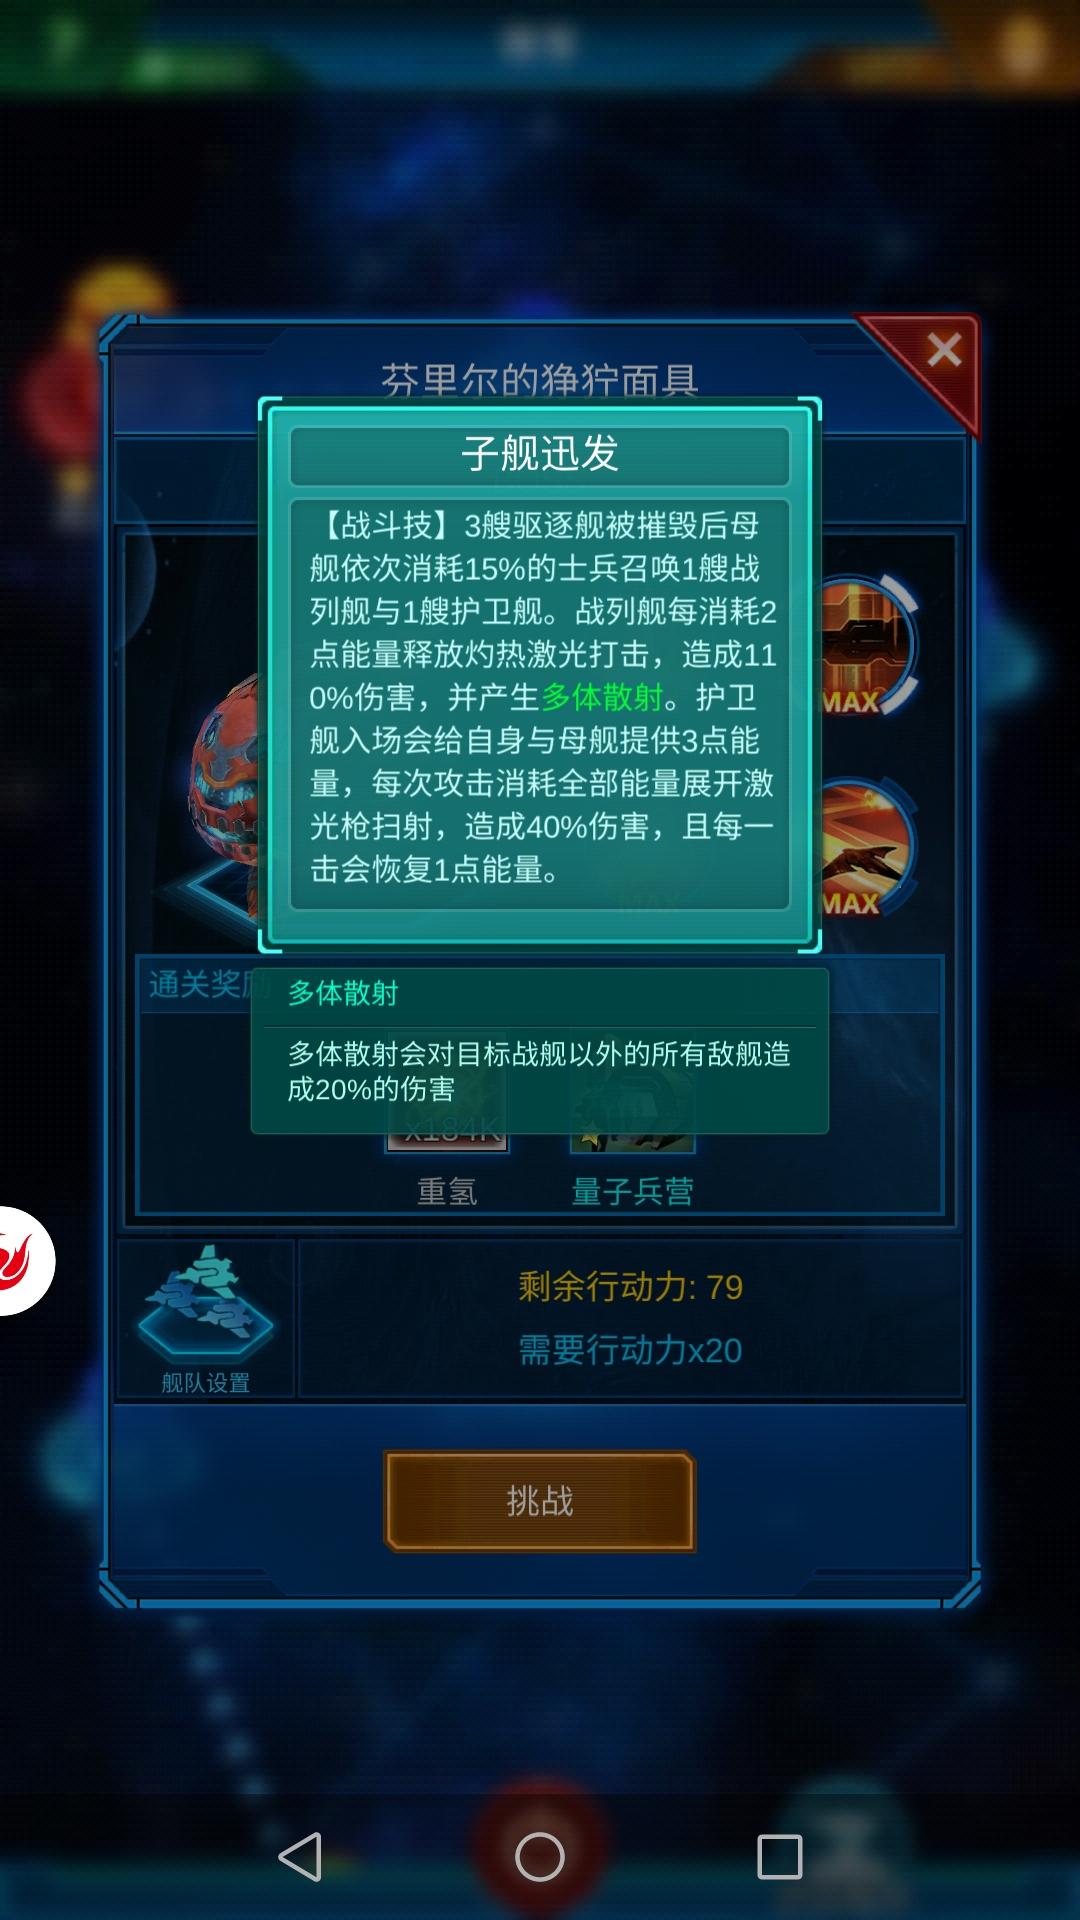 Screenshot_20200410-103701.jpg